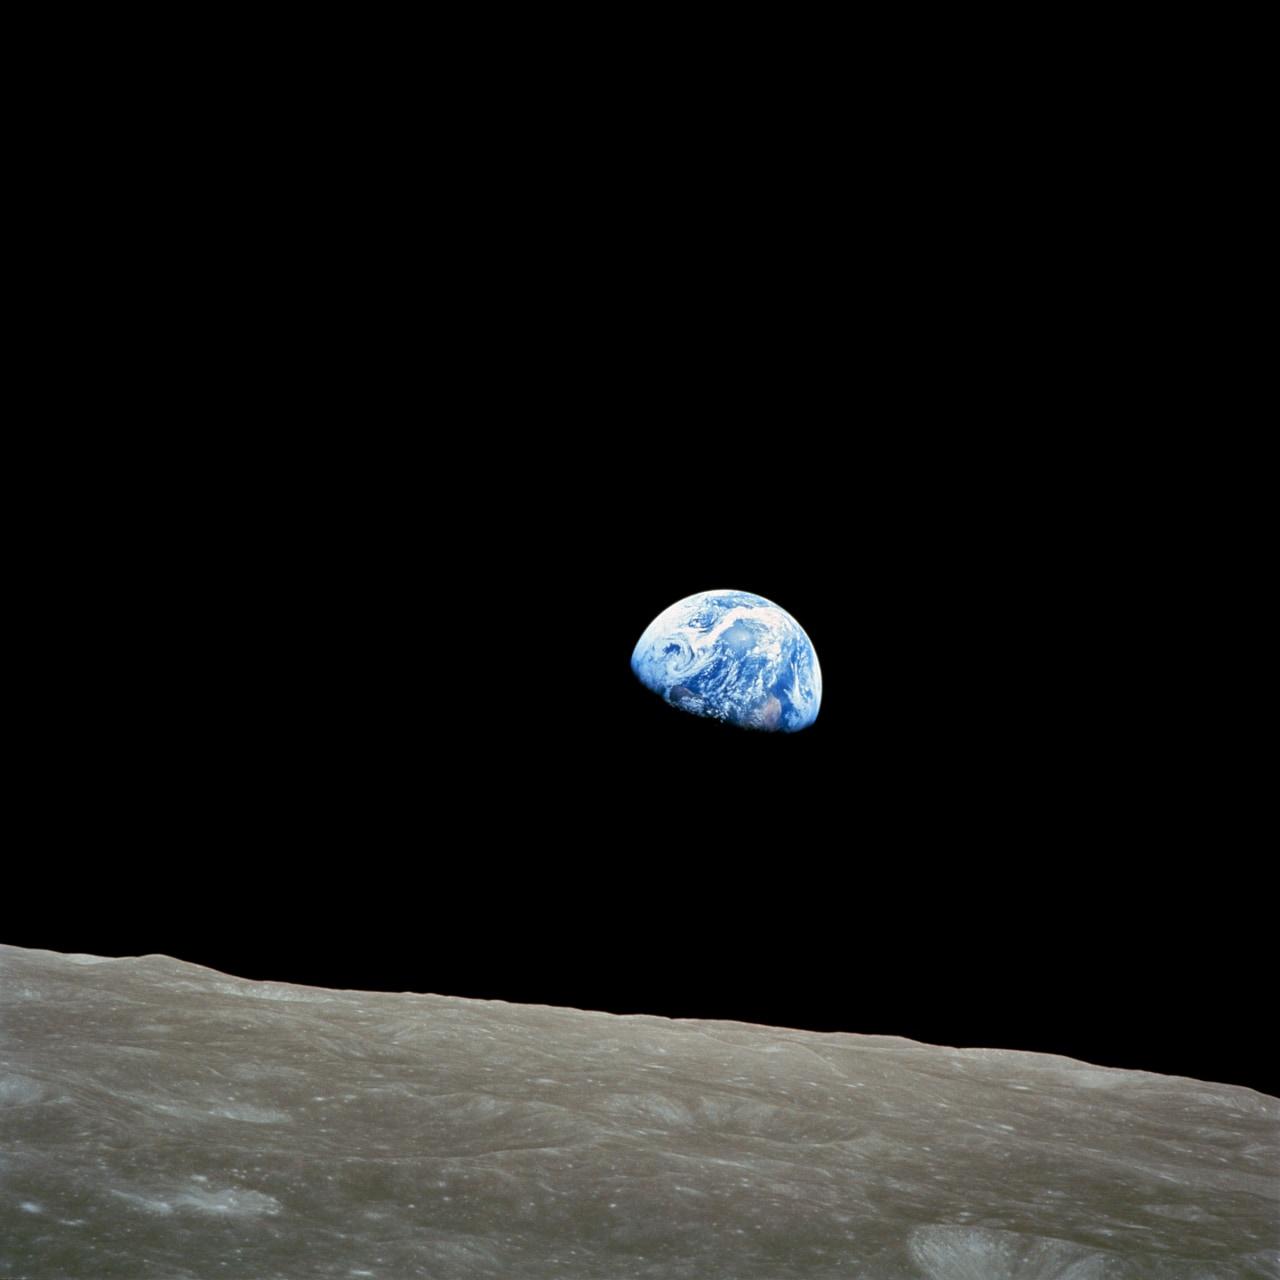 Dalla Nasa Una Bellissima Foto Della Terra Dalla Luna